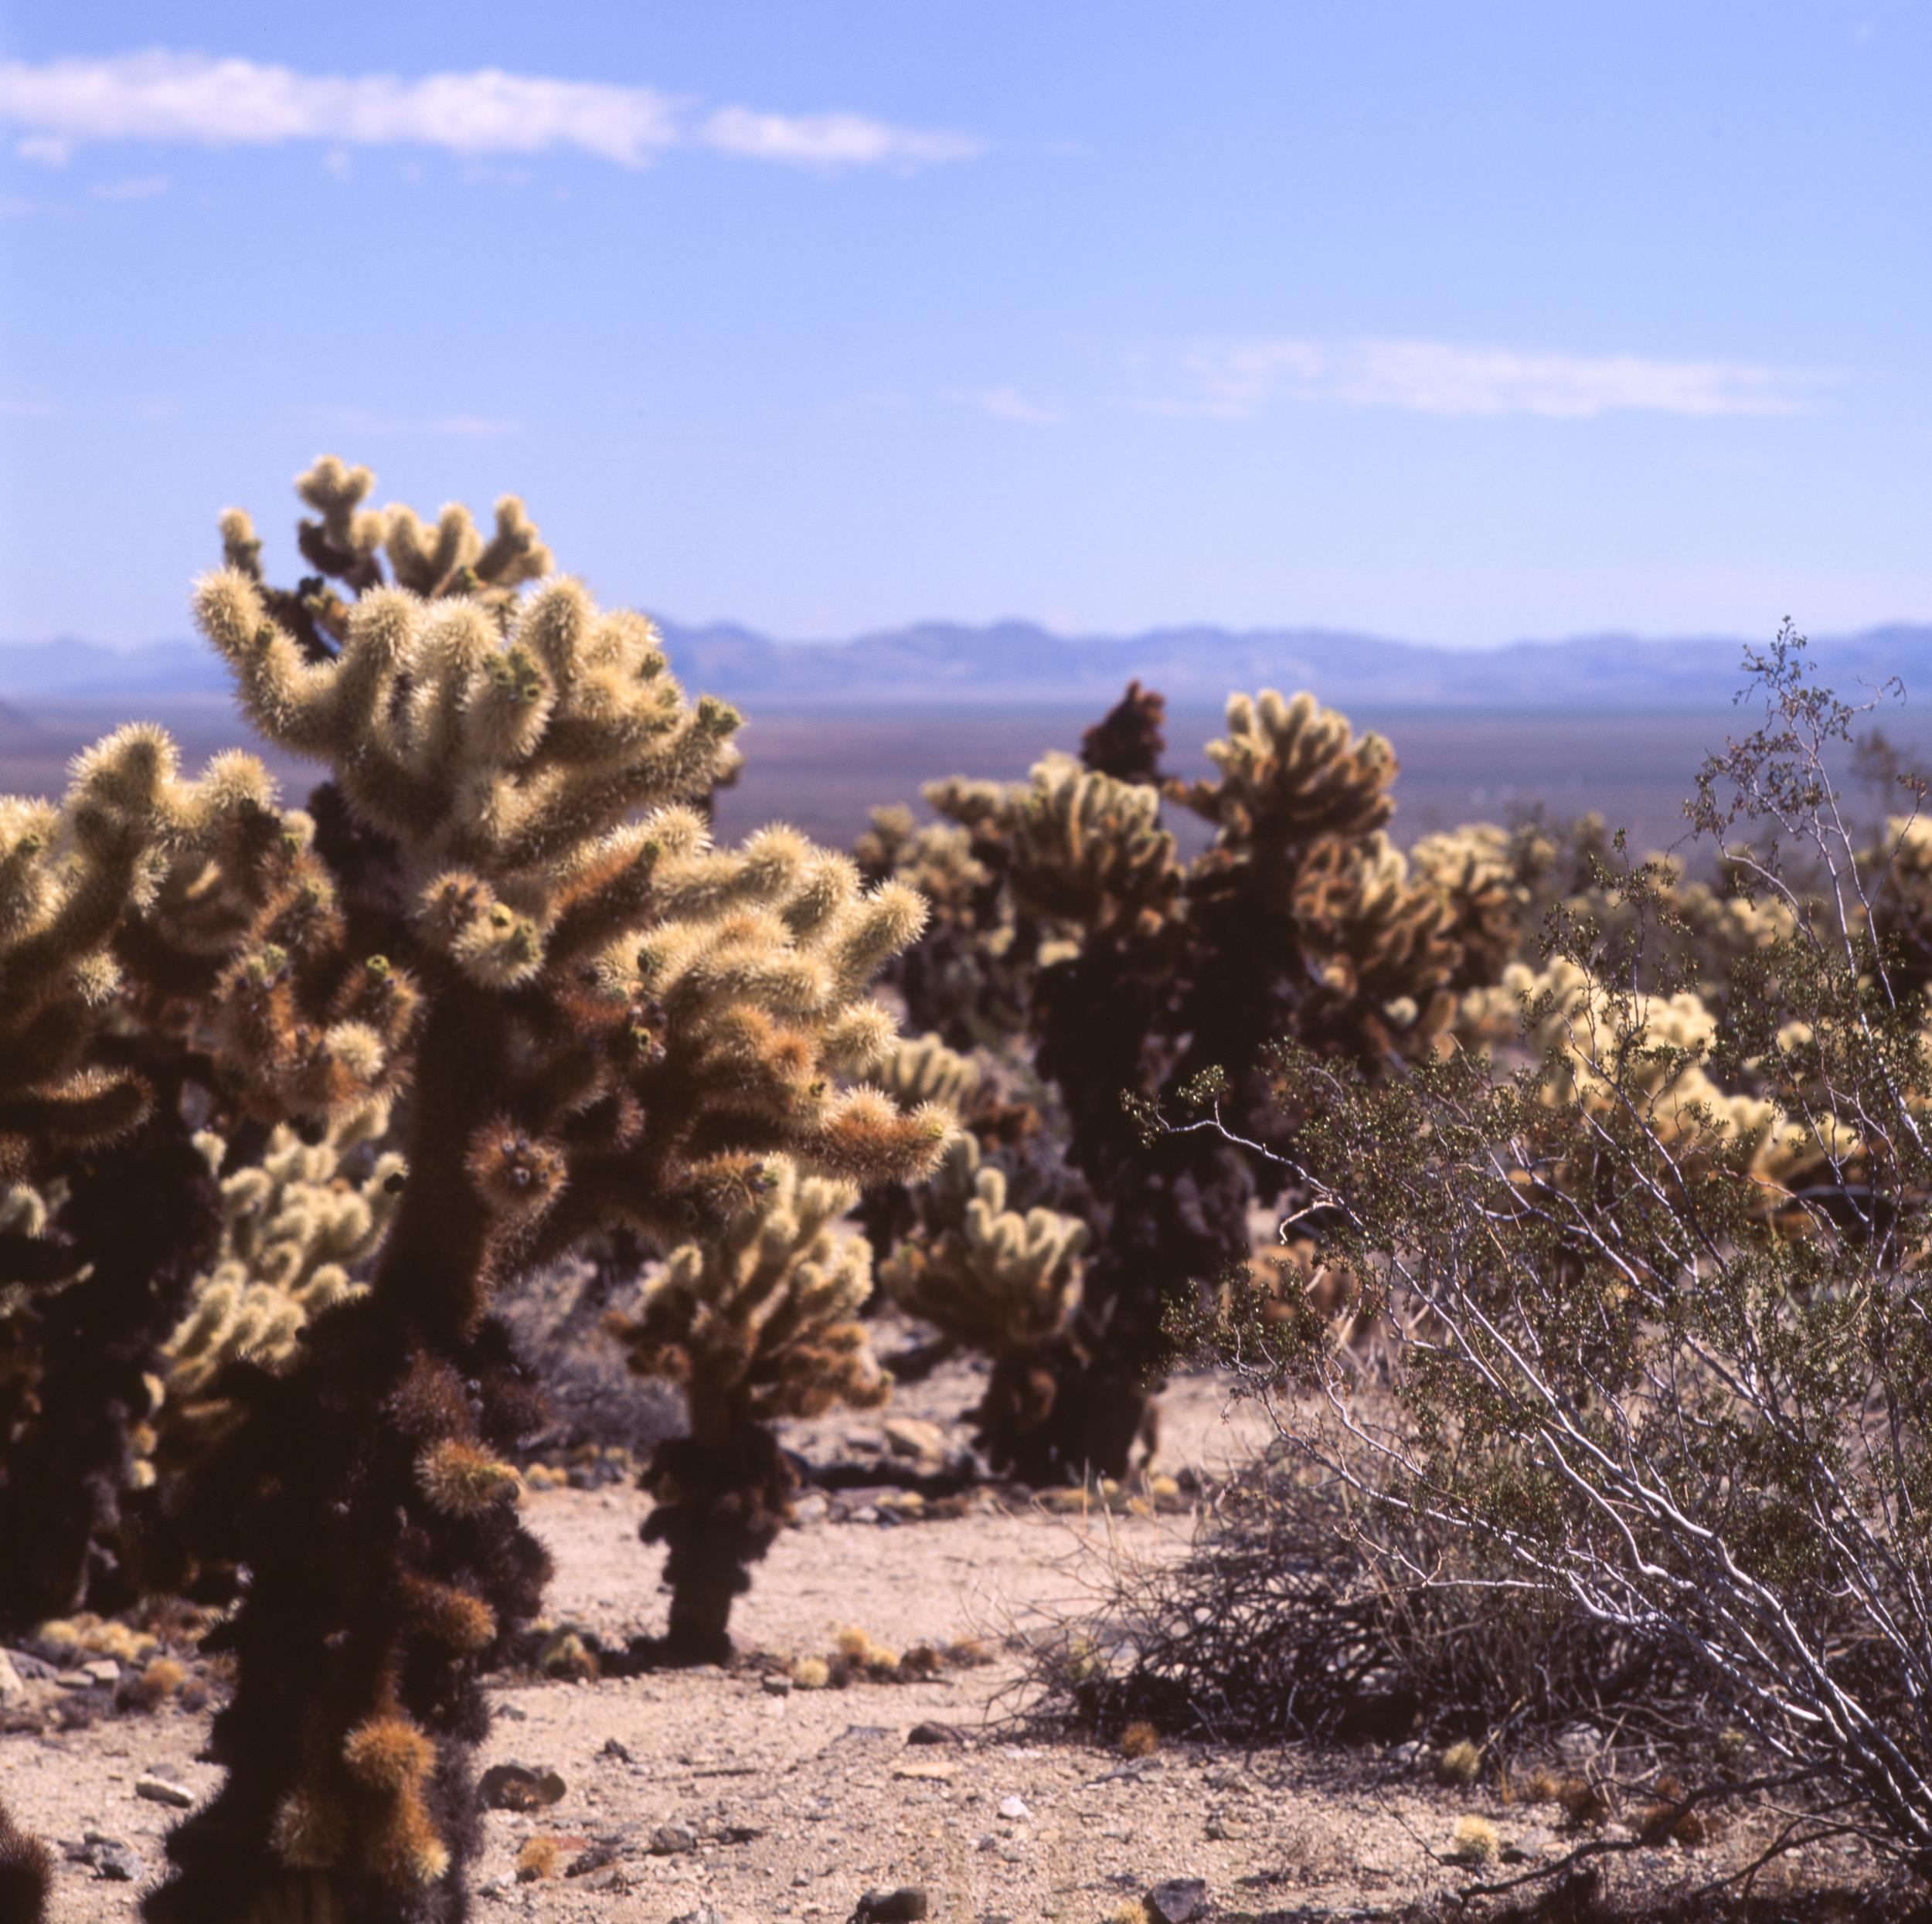 Cholla Cactus Garden Hasselblad 501cm | Fuji Velvia 50